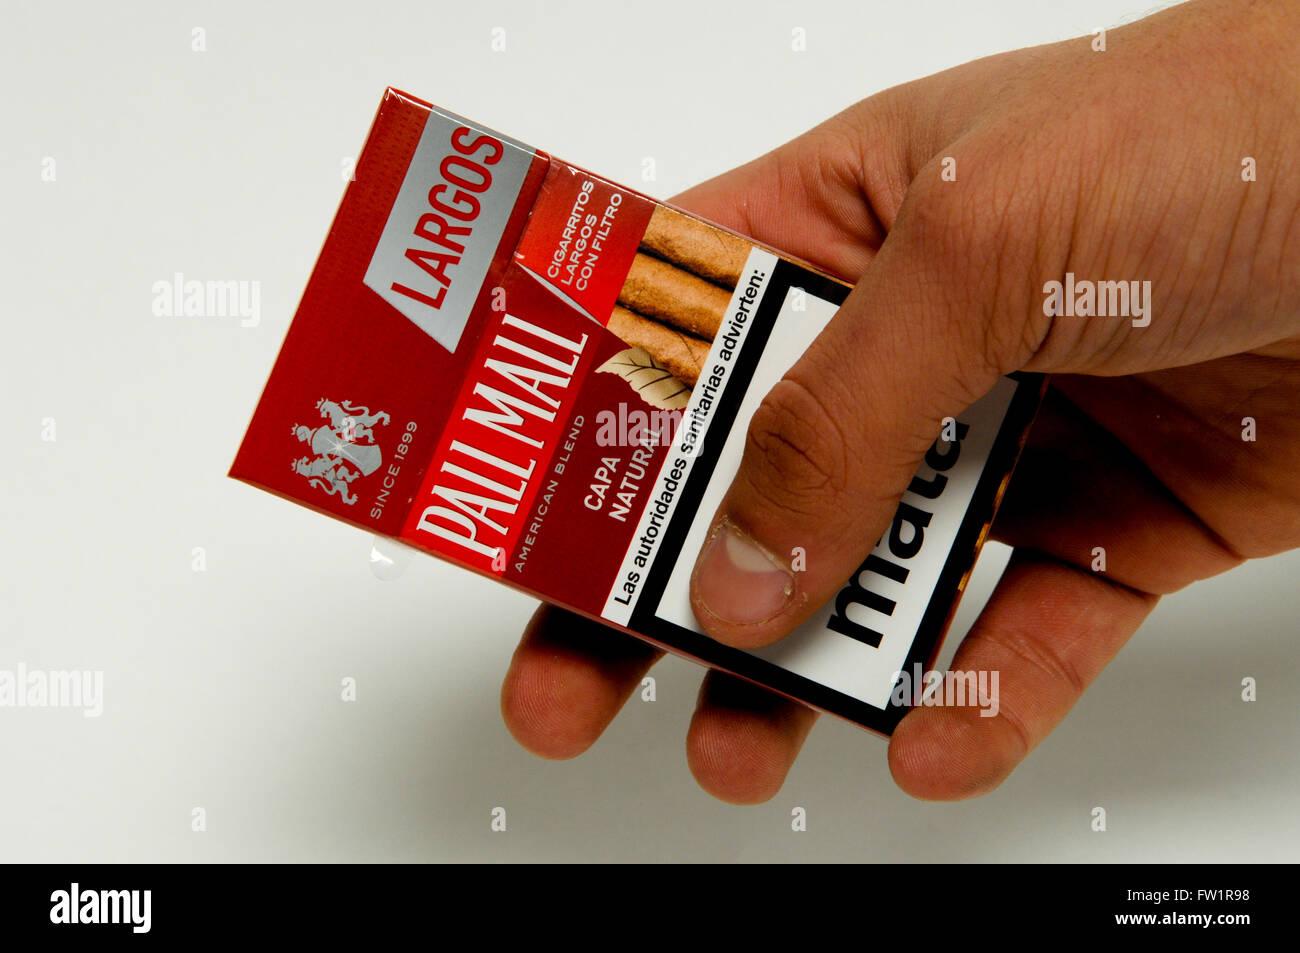 Nebraska buying cigarettes More online